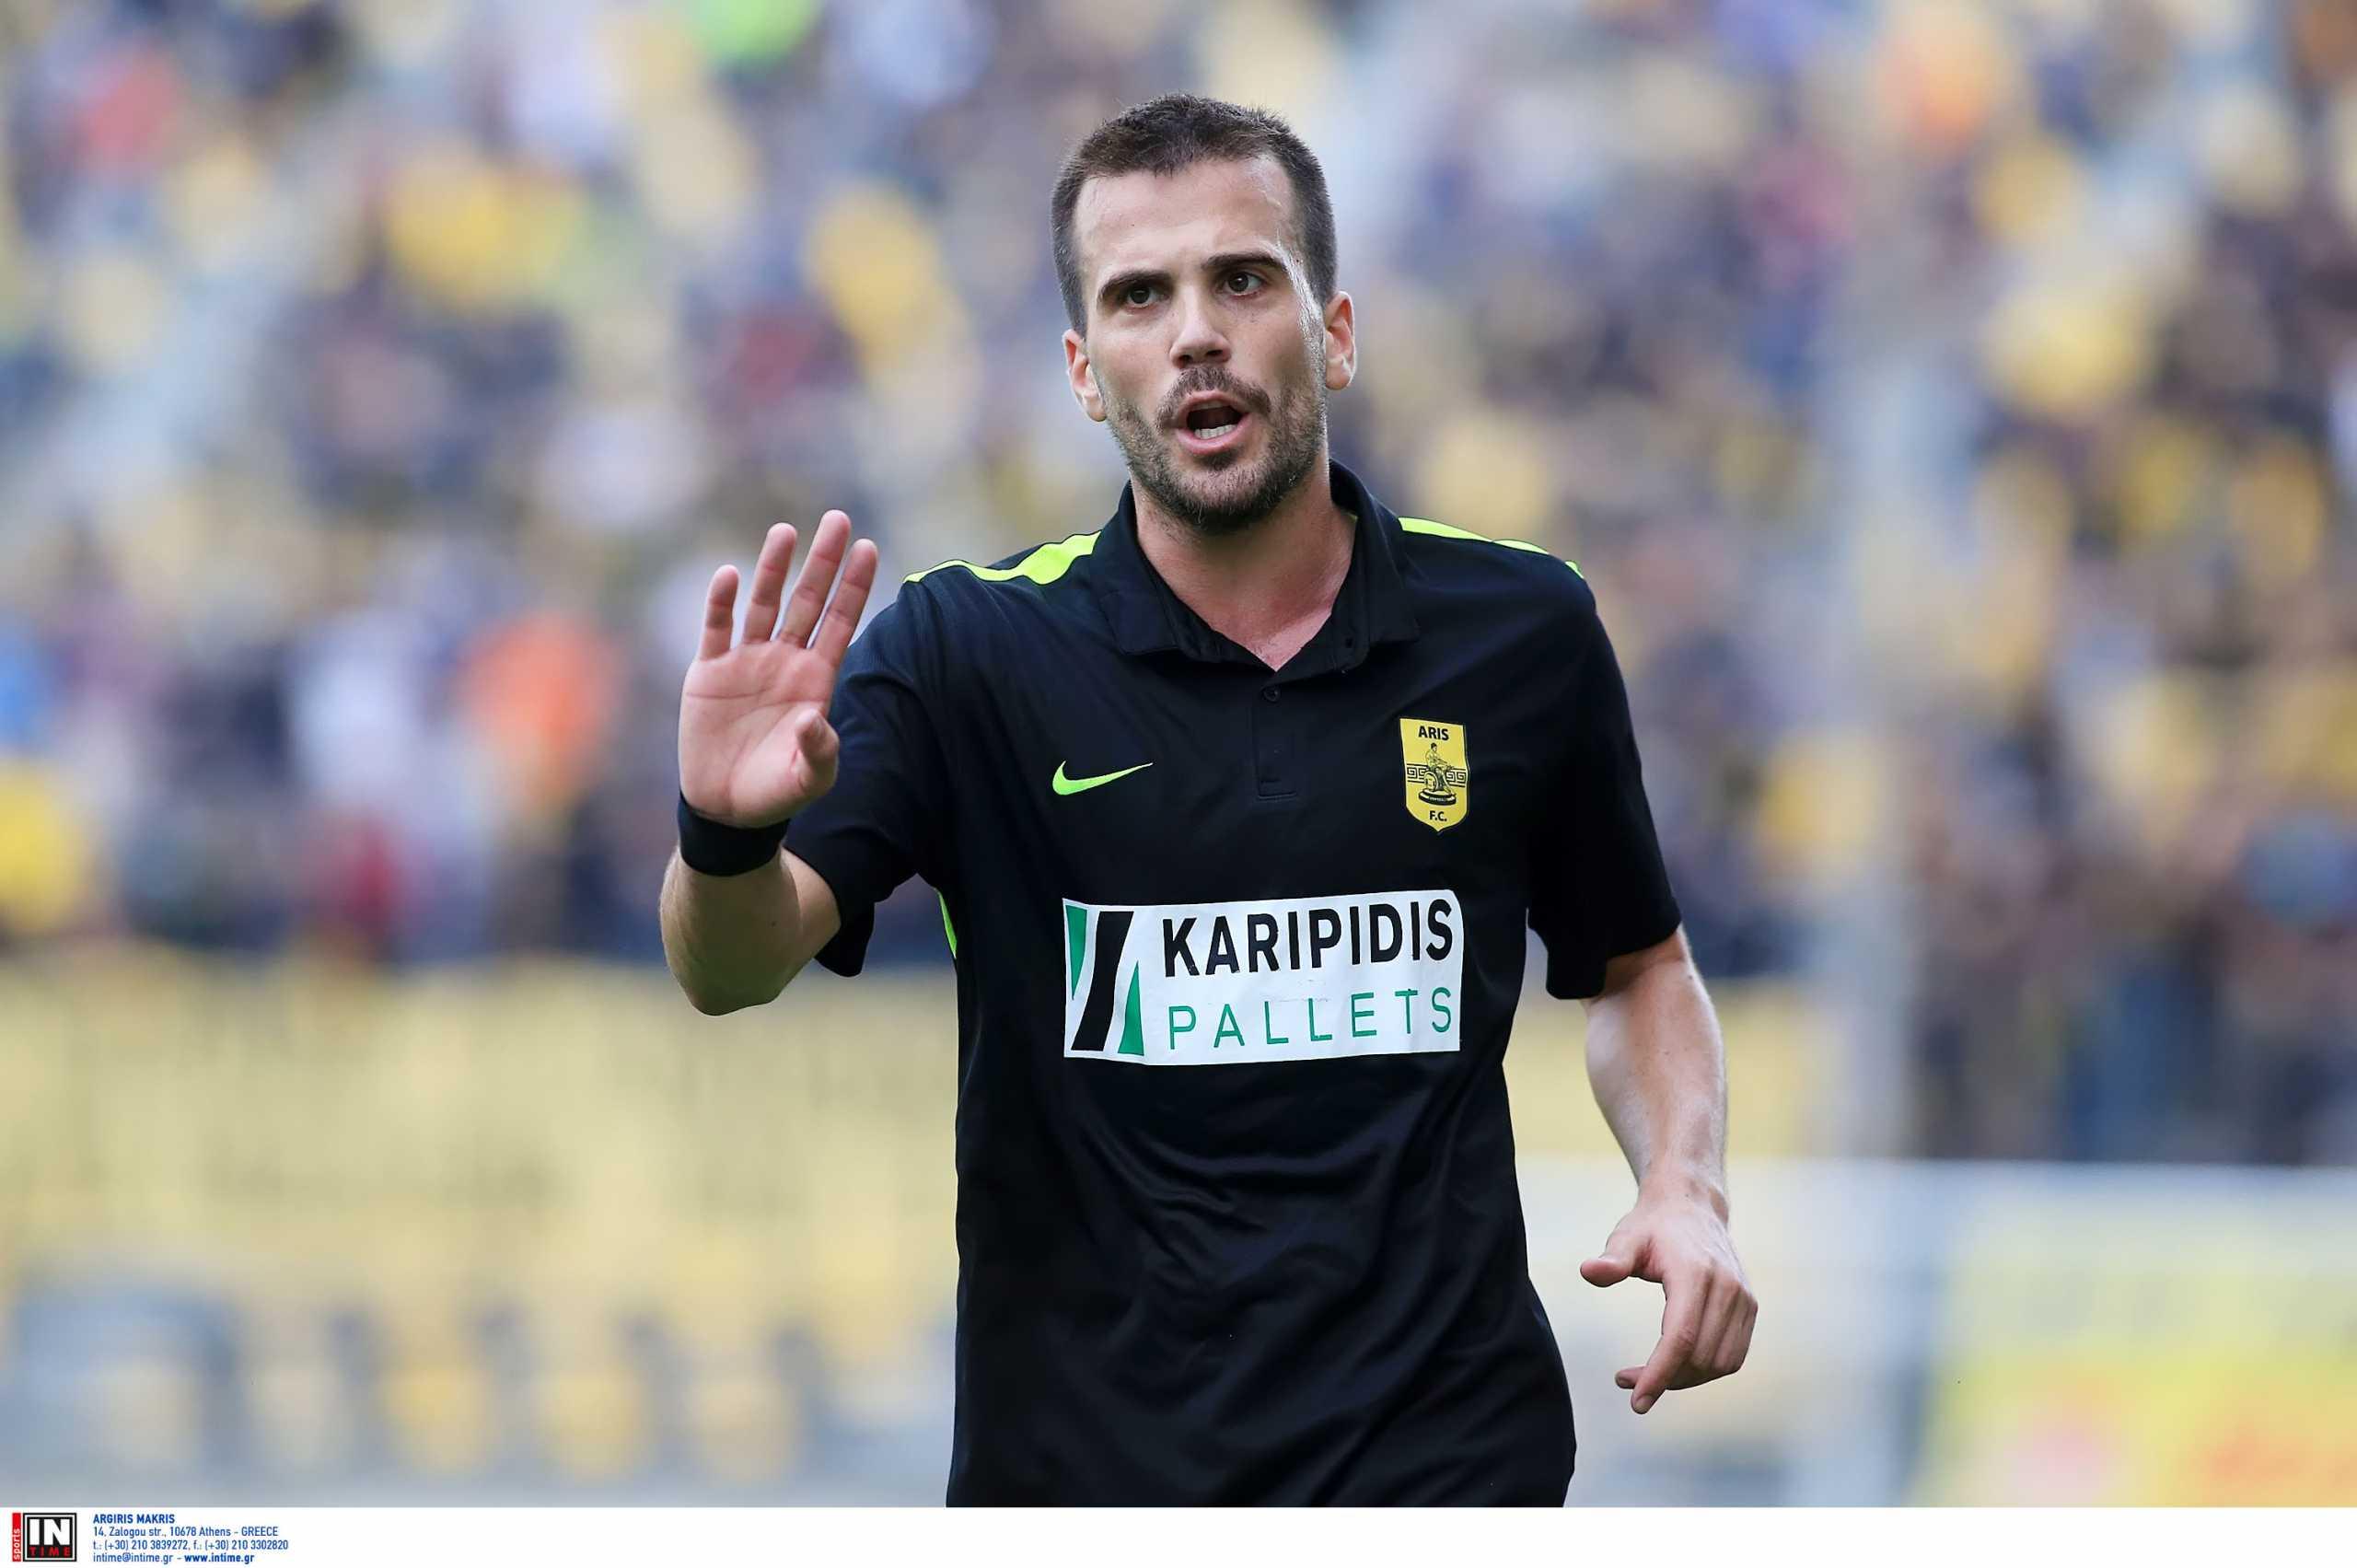 Βρέθηκε νεκρός ο ποδοσφαιριστής Νίκος Τσουμάνης